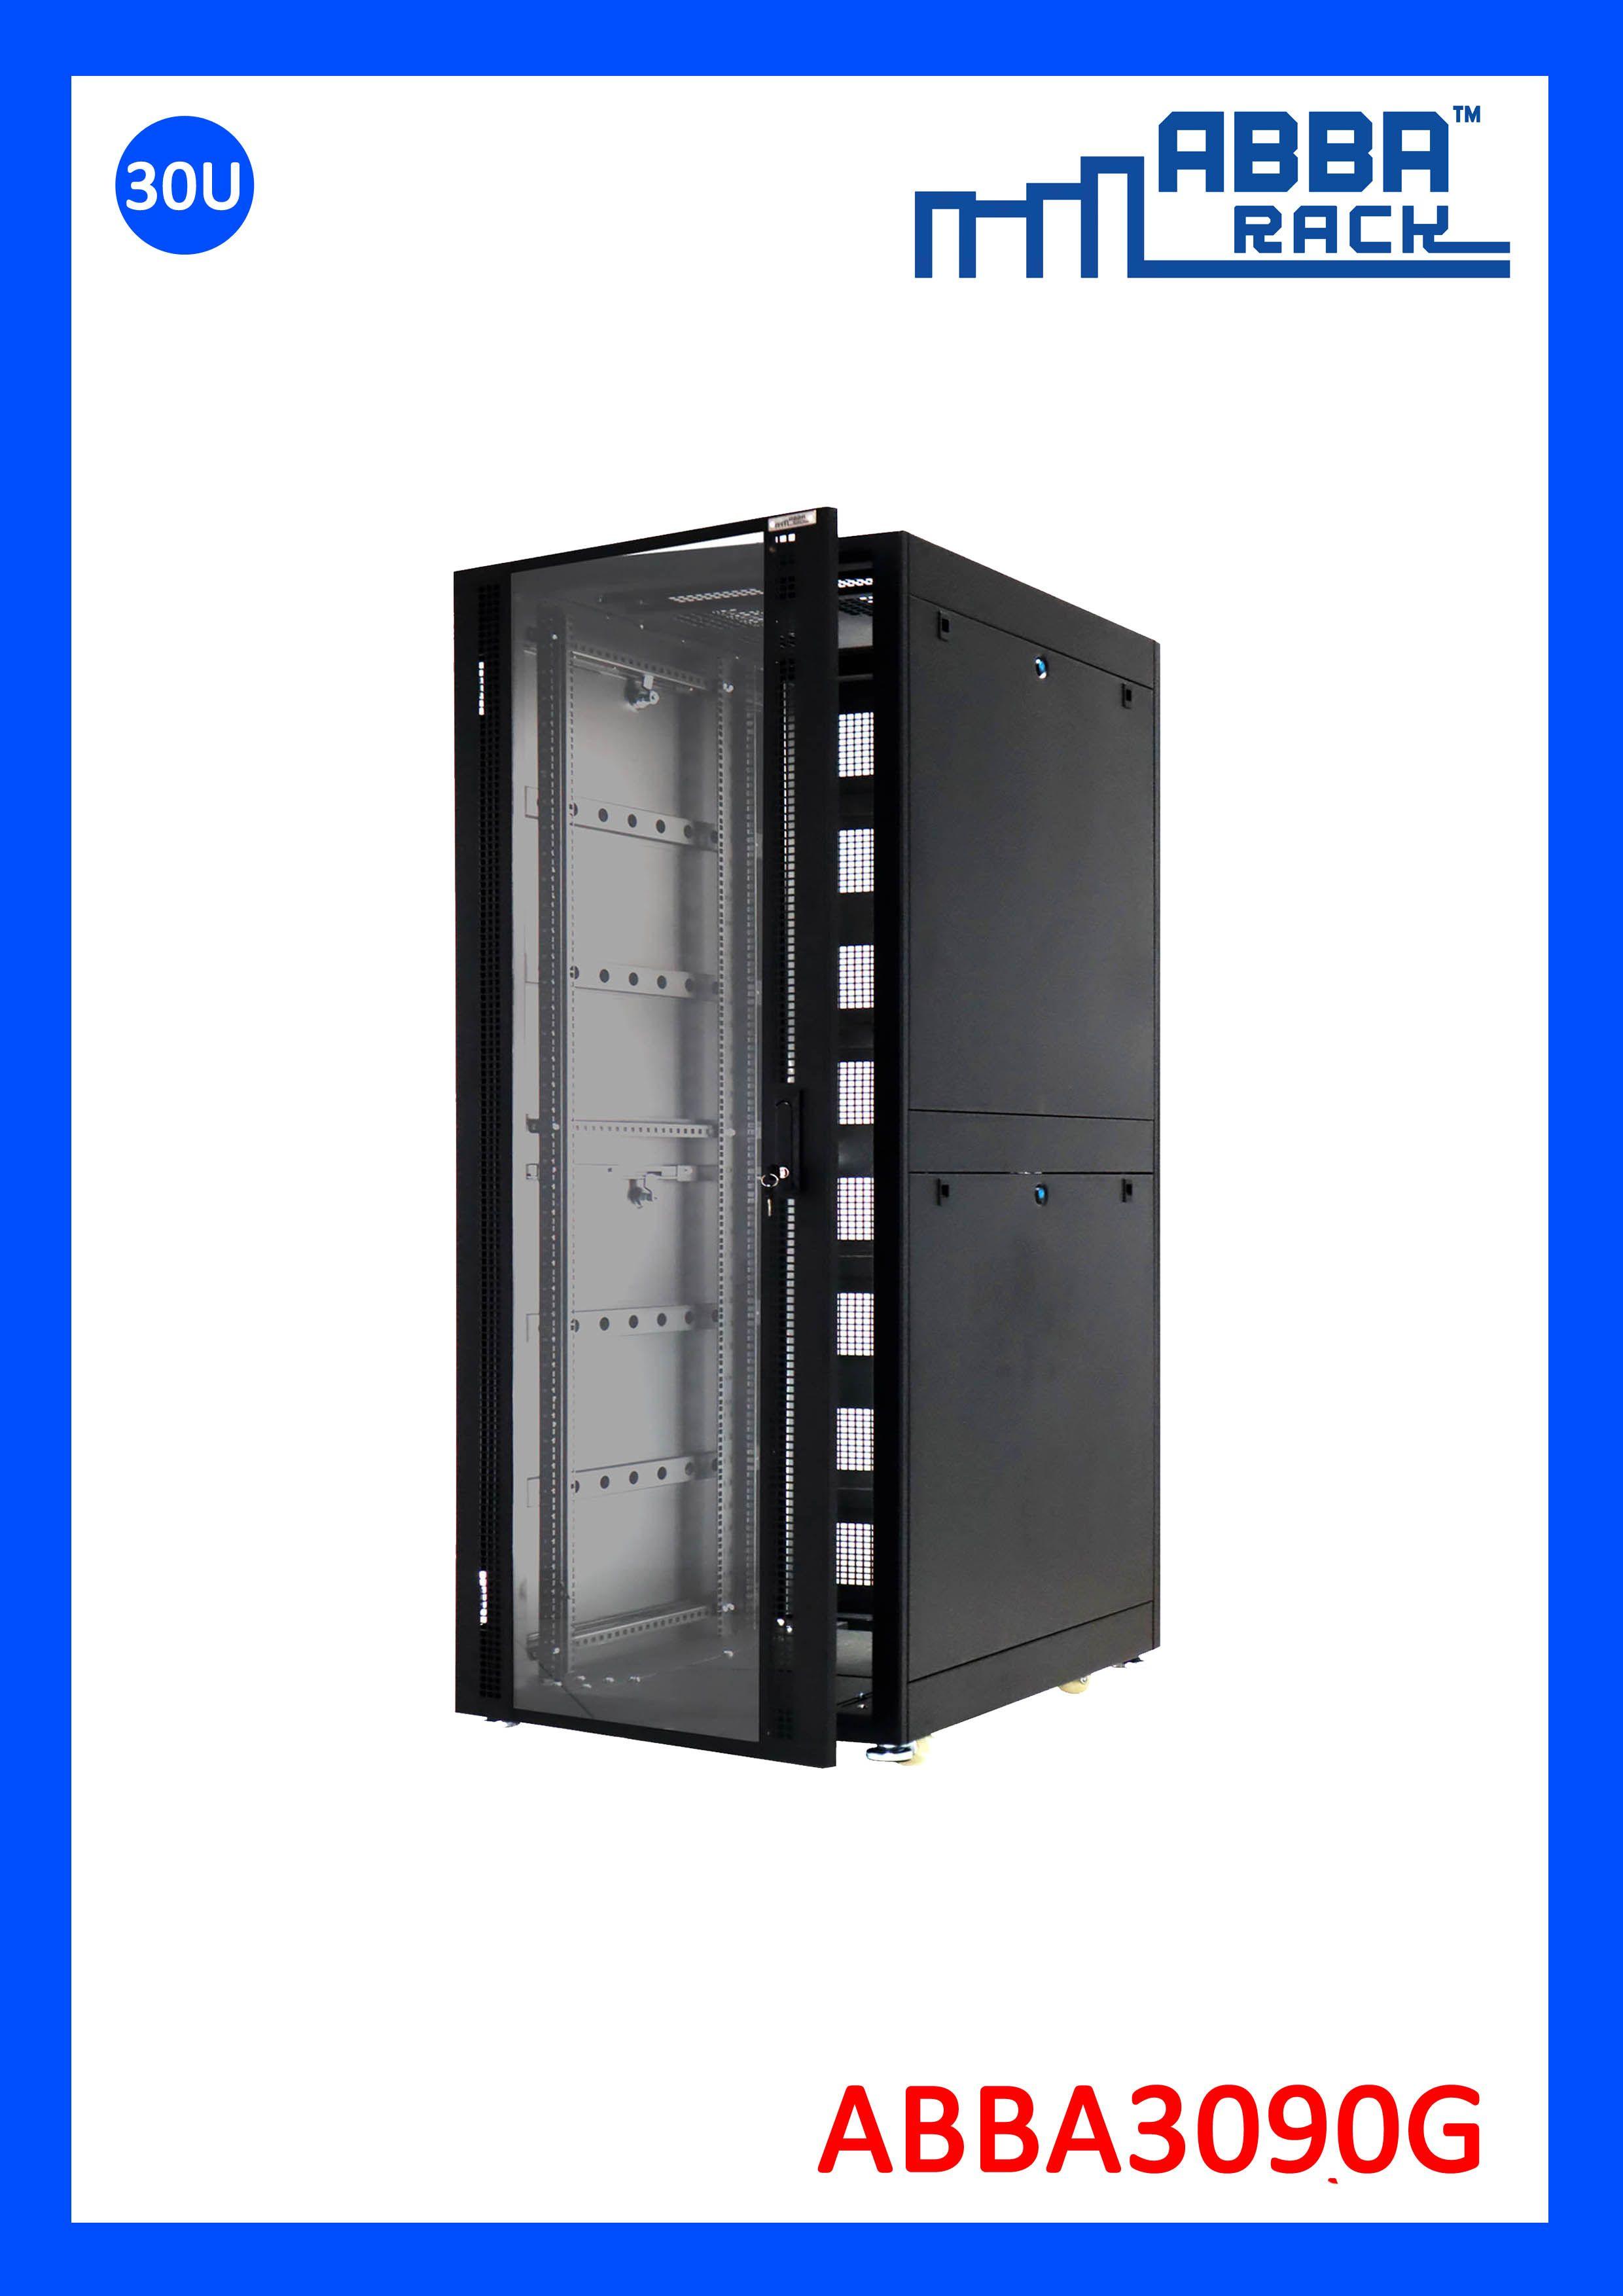 Jual Rack Server ABBA 30U depth 900mm Glass Door Locker